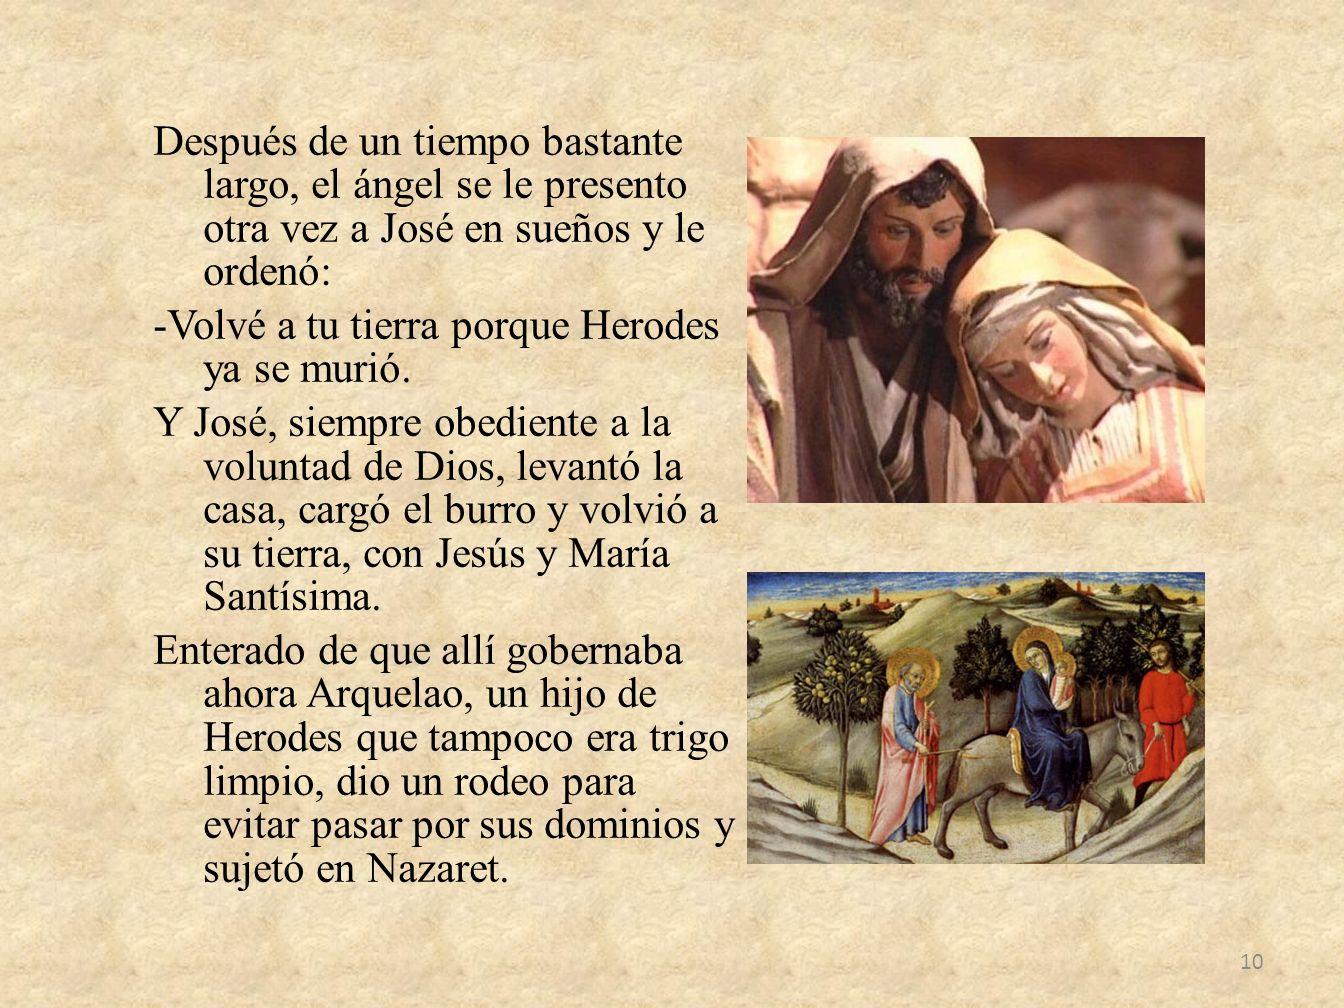 Después de un tiempo bastante largo, el ángel se le presento otra vez a José en sueños y le ordenó: -Volvé a tu tierra porque Herodes ya se murió.